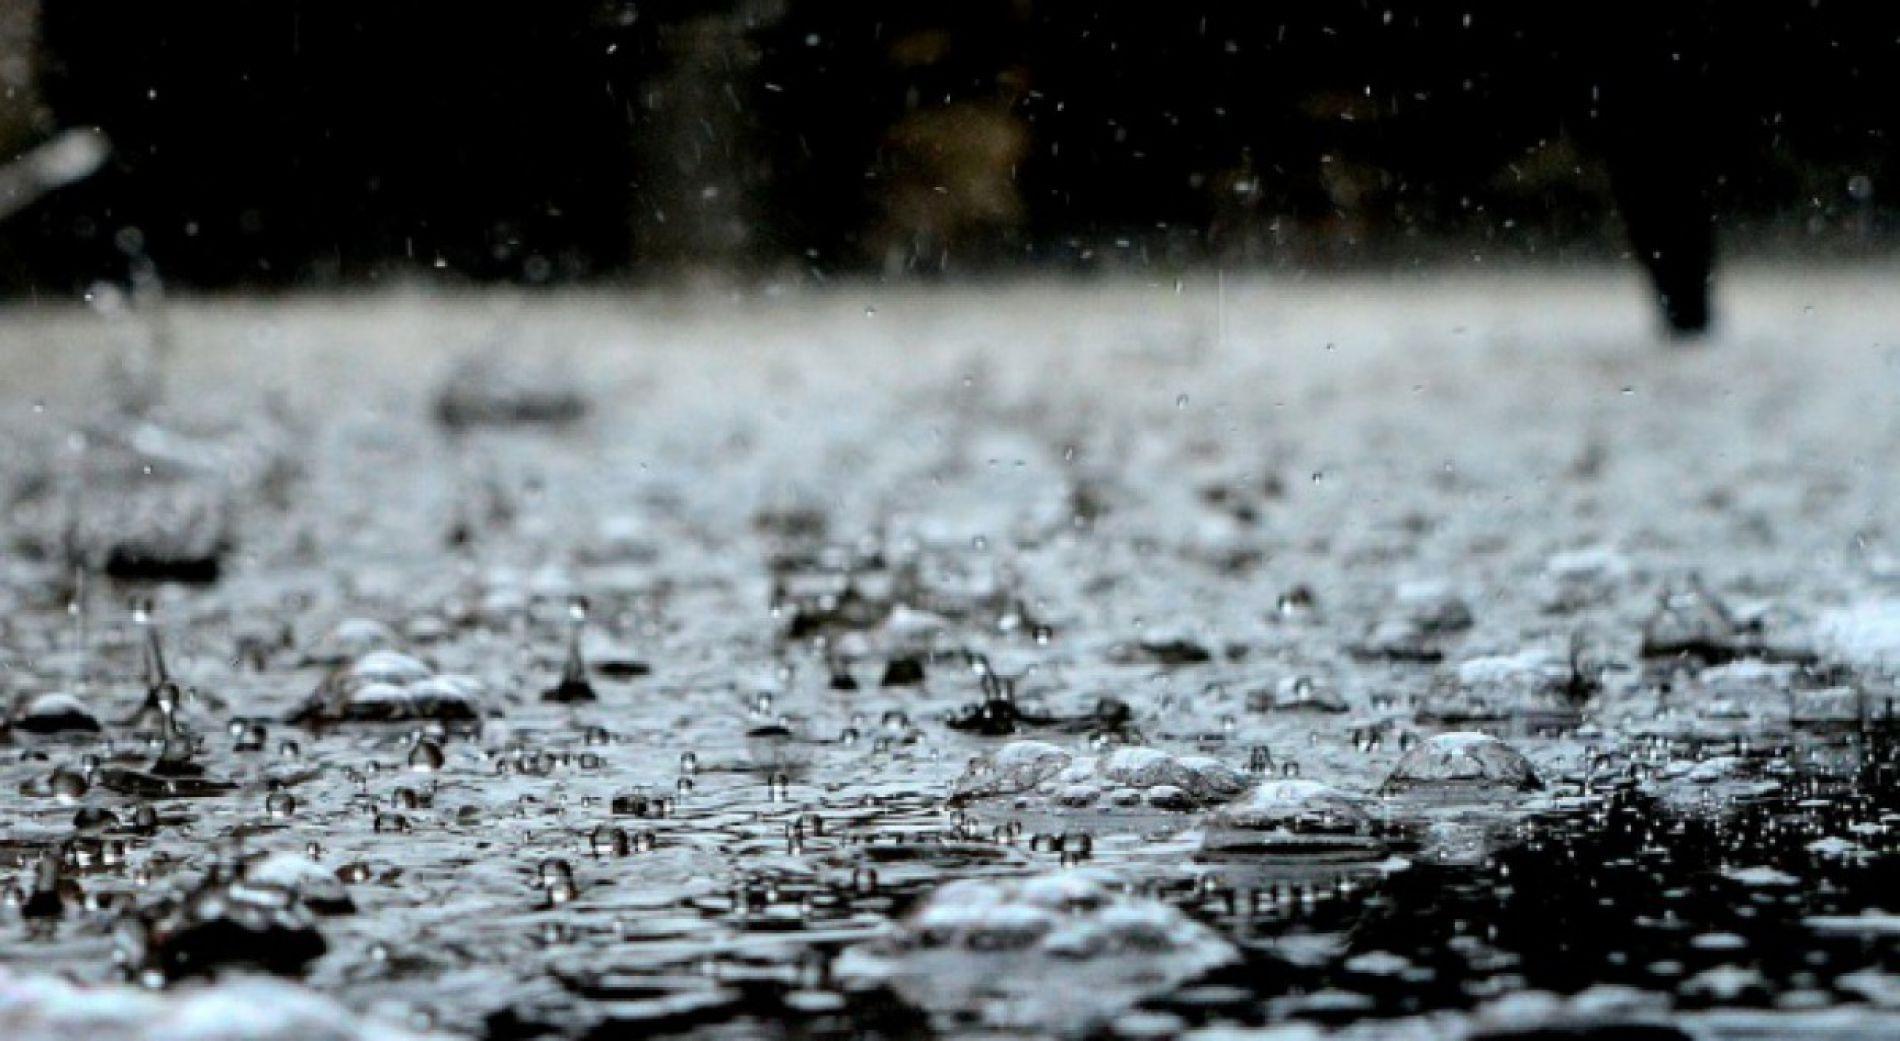 В Монтане за ночь выпало до 65 литров дождя на квадратный метр